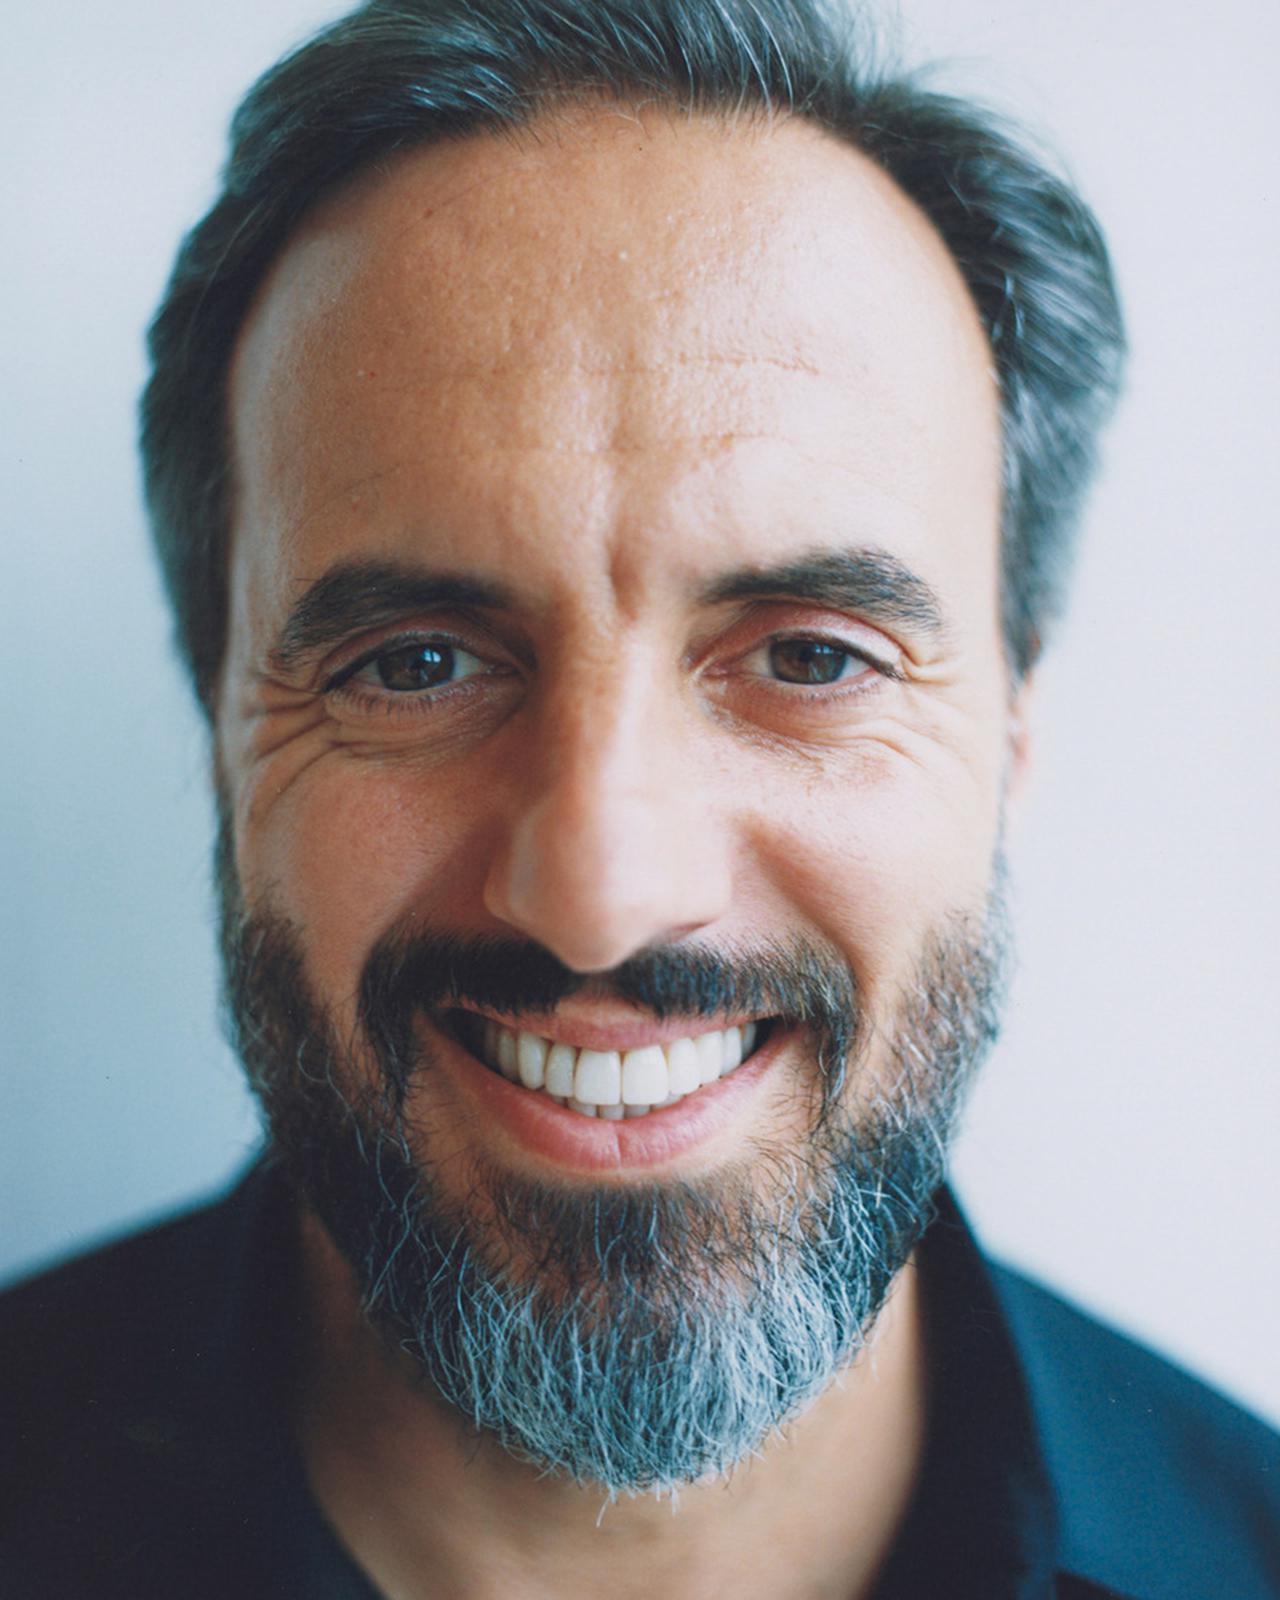 画像: JOSÉ NEVES(ジョゼ・ネヴェス) ポルトガル出身。ファーフェッチ創業者、CEO。1990年代半ばにシューズブランド「Swear」を創立。8歳の頃から学んでいたプログラミング技術をいかし、リテールビジネスのB-Storeなどを起業。次世代のビジネスマンとしても世界から注目されている PHOTOGRAPH BY YUTO KUDO